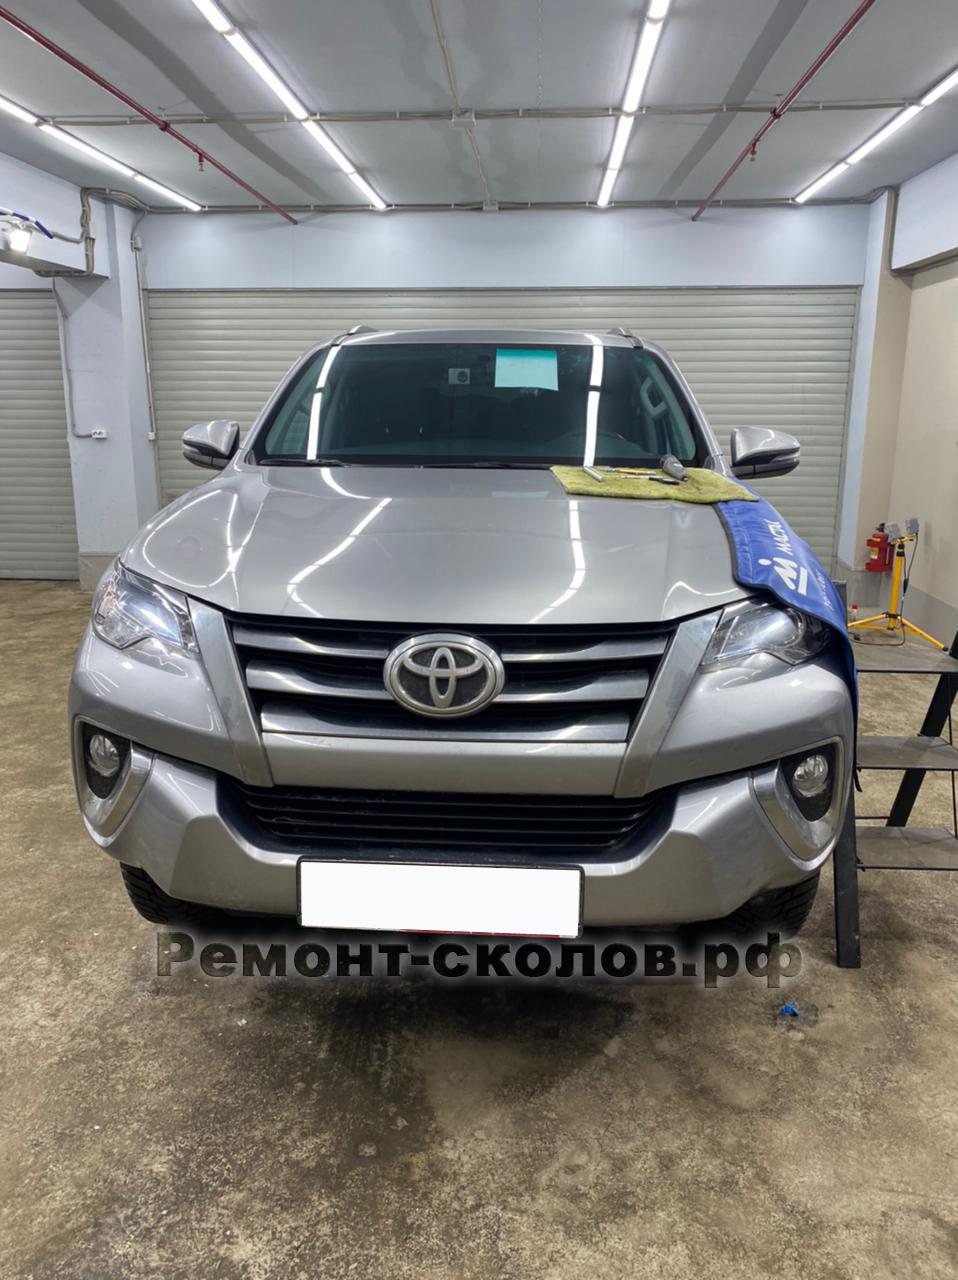 Toyota ремонт трещины на лобовом стекле в ЮЗАО